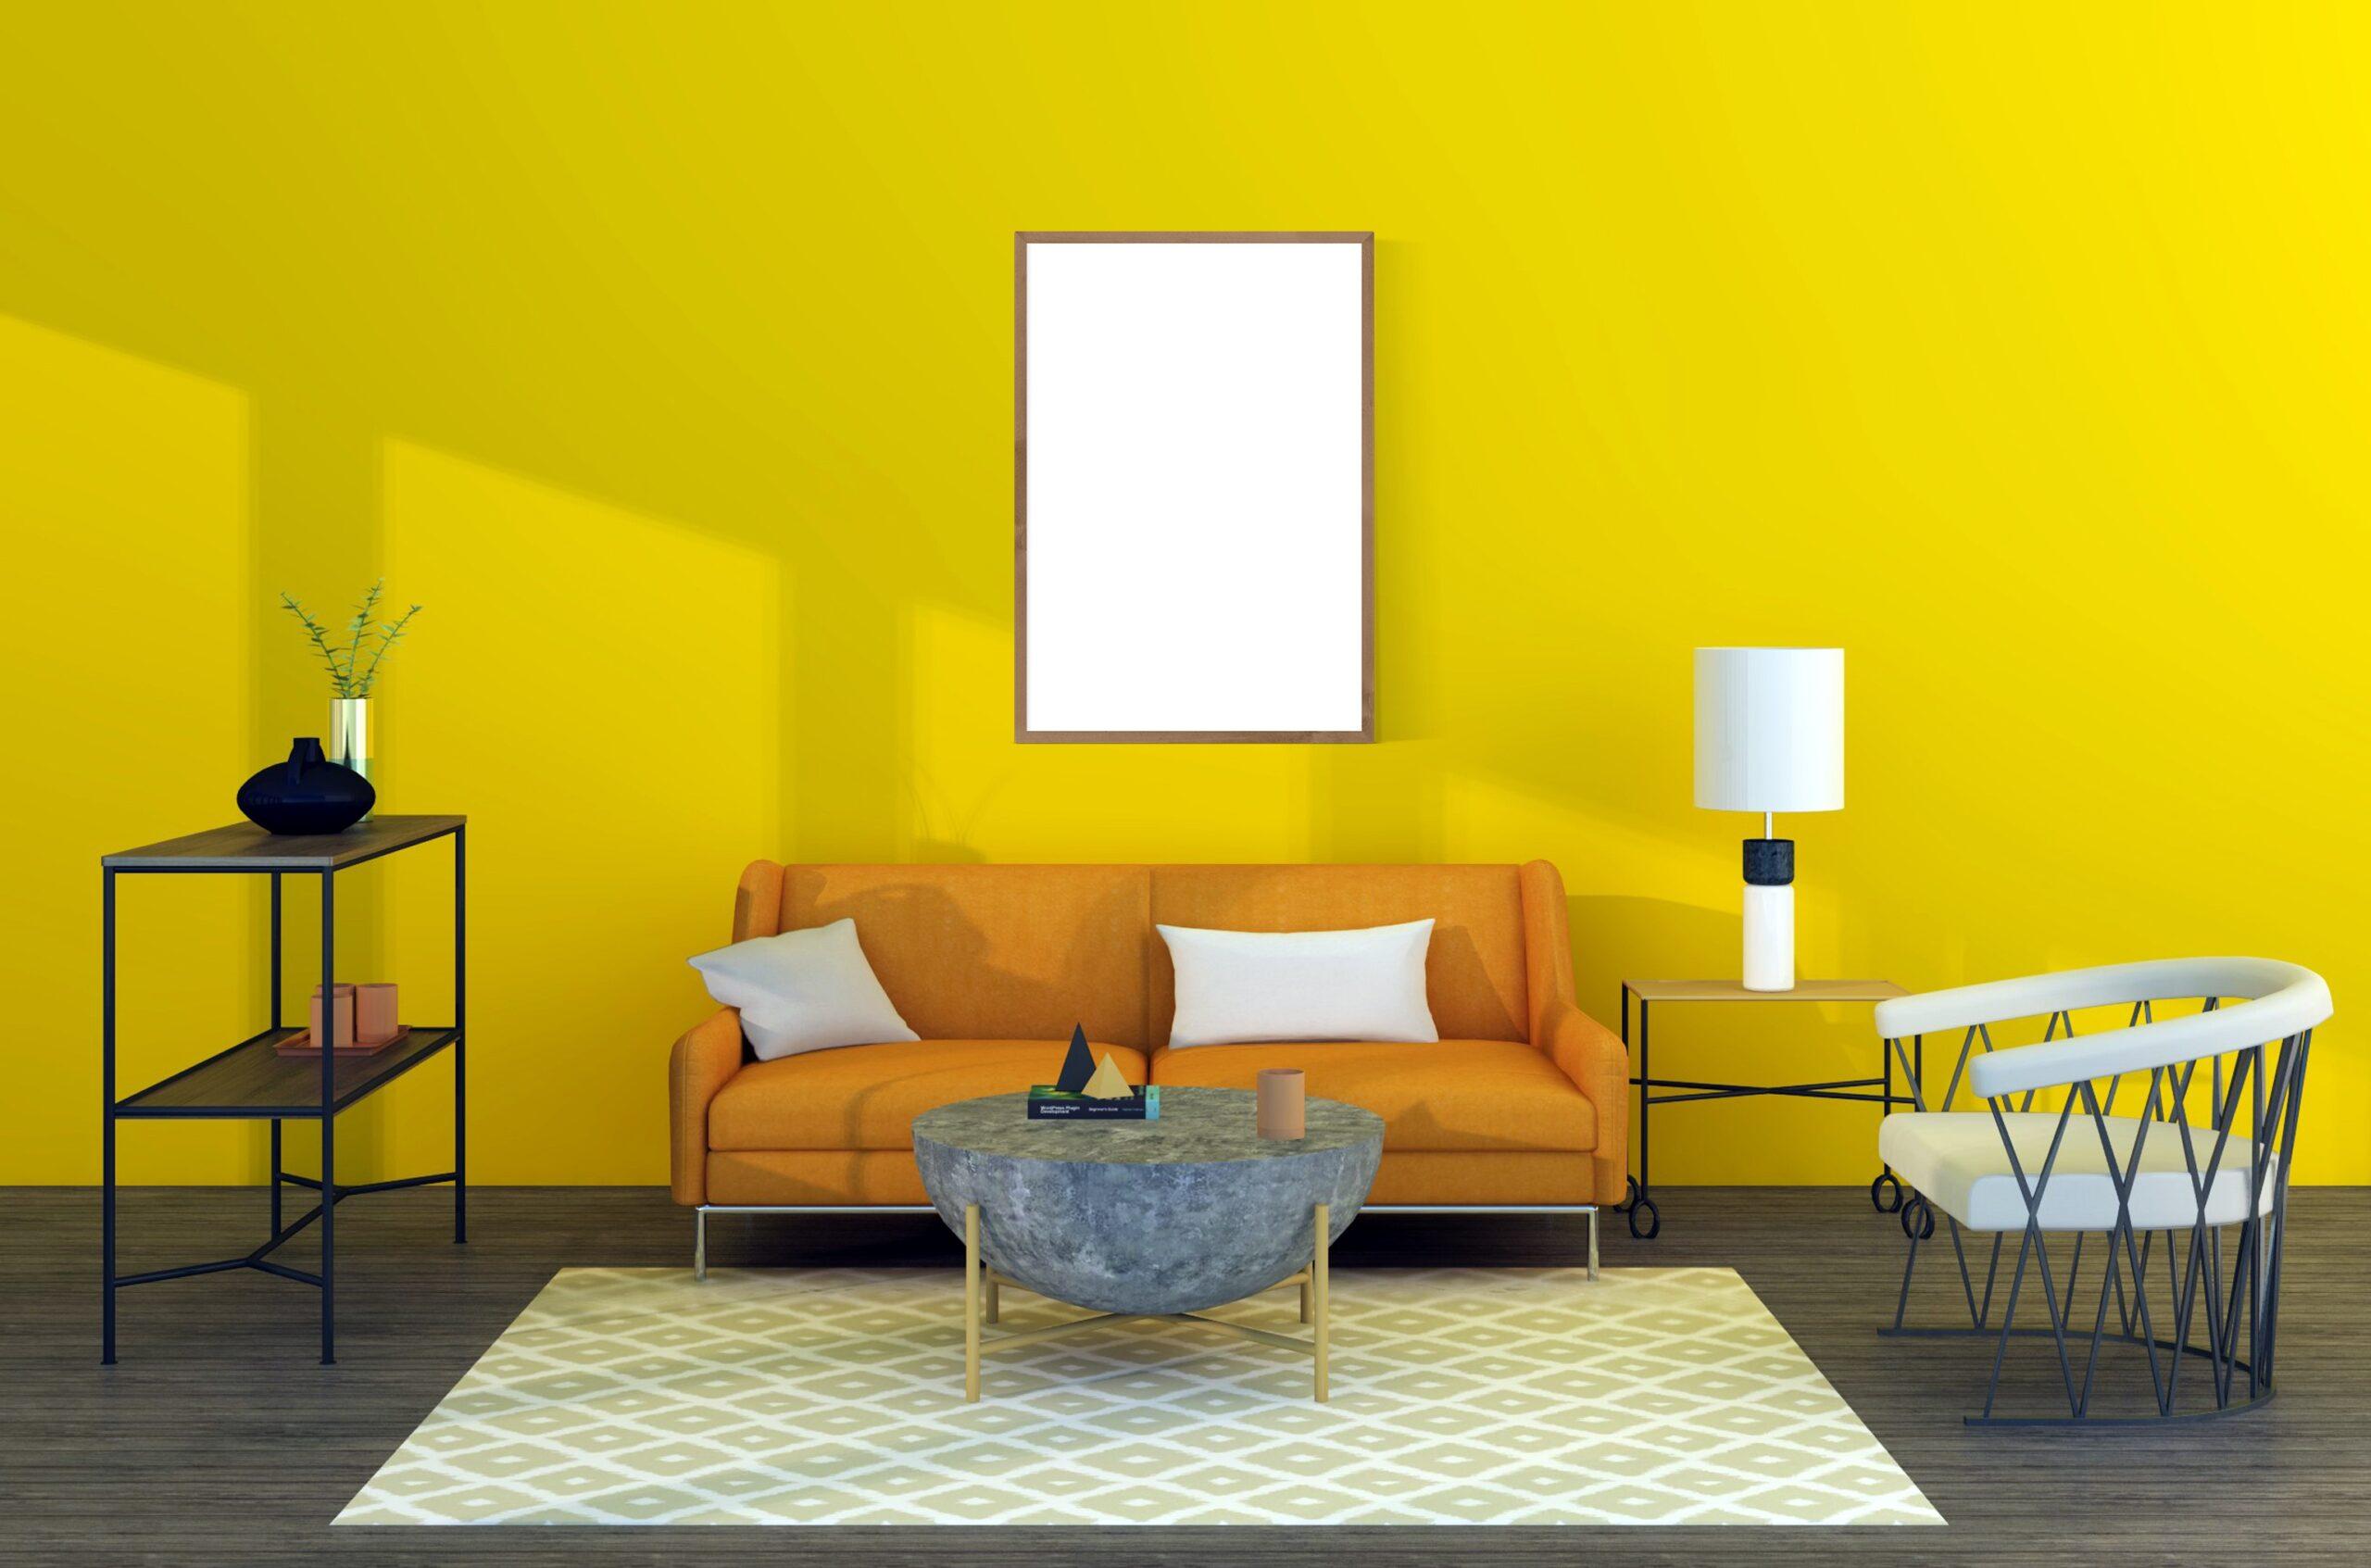 interior-3530455